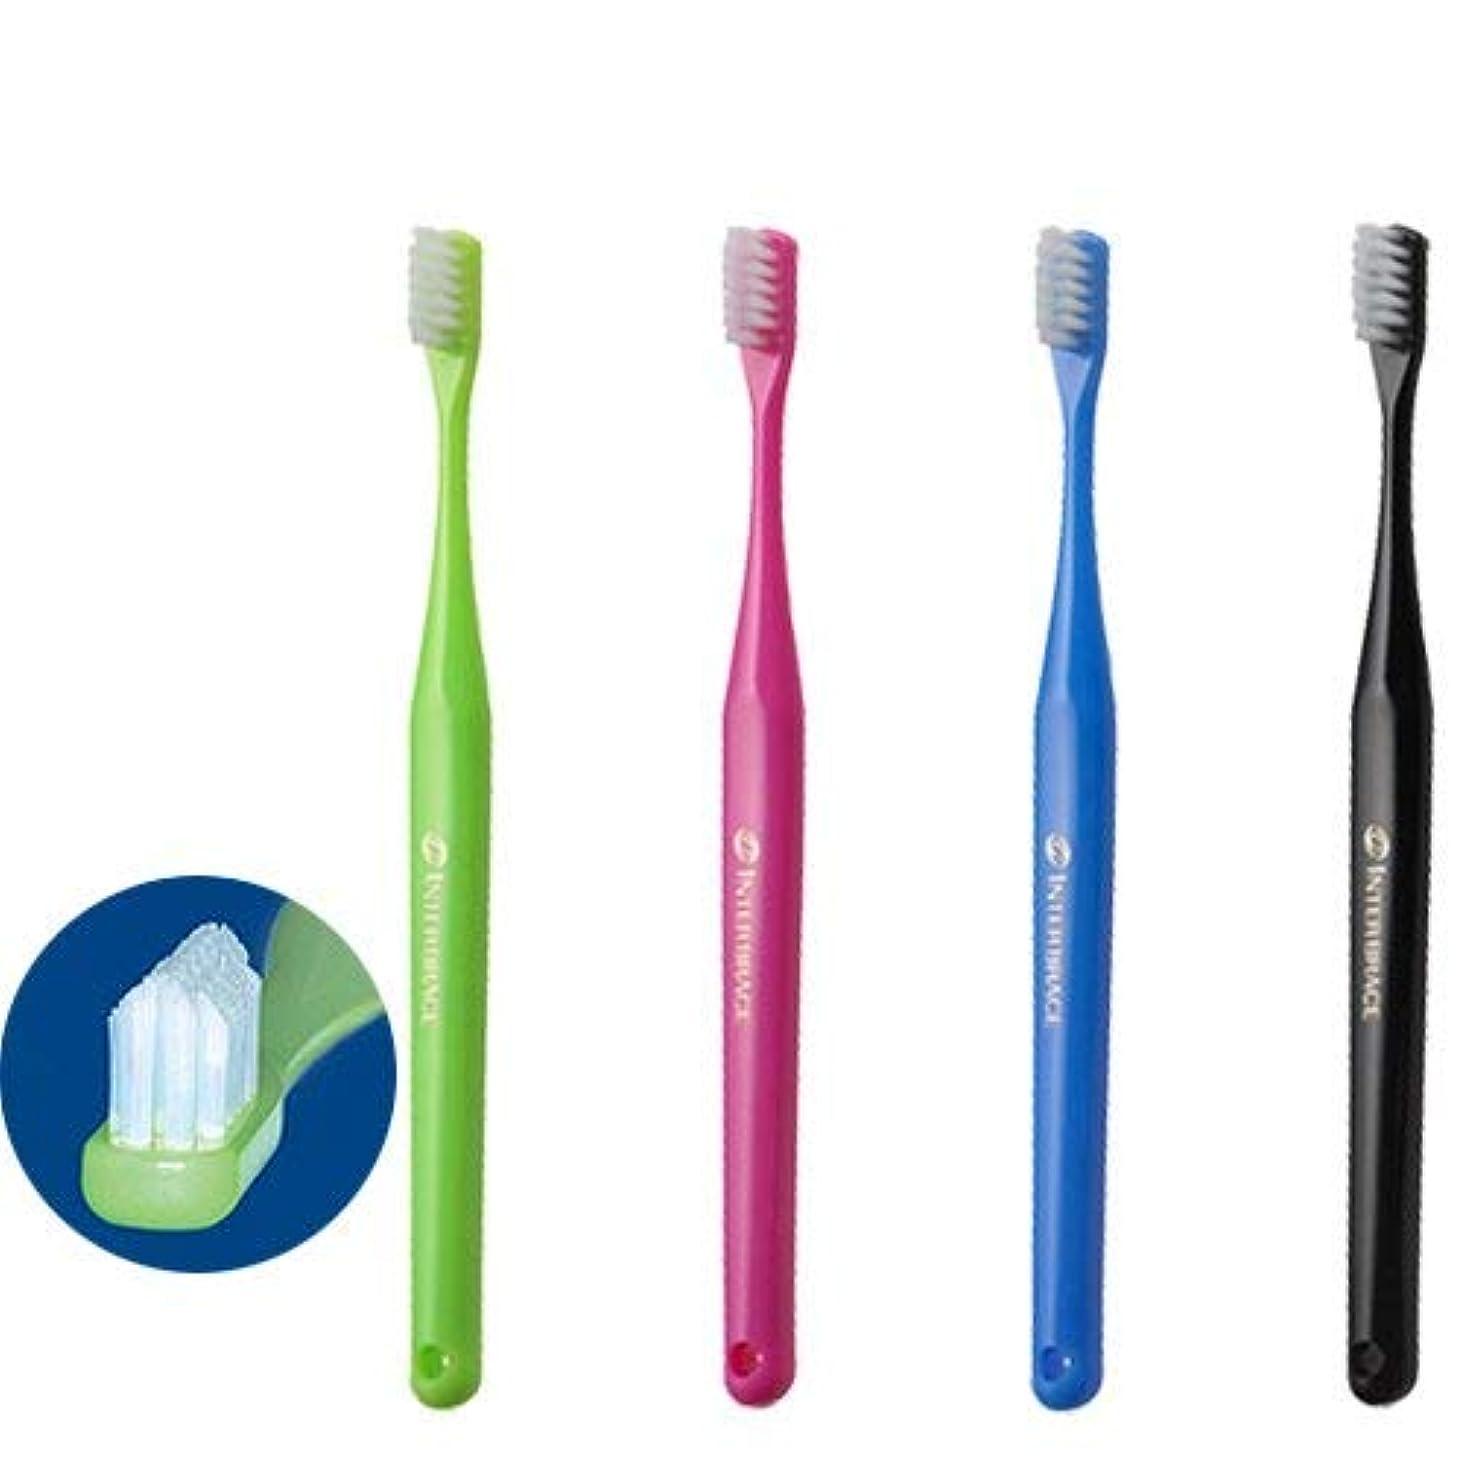 仲介者優遇ページインターブレイス (INTER BRACE) ×8本 矯正用歯ブラシ 歯科医院取扱品